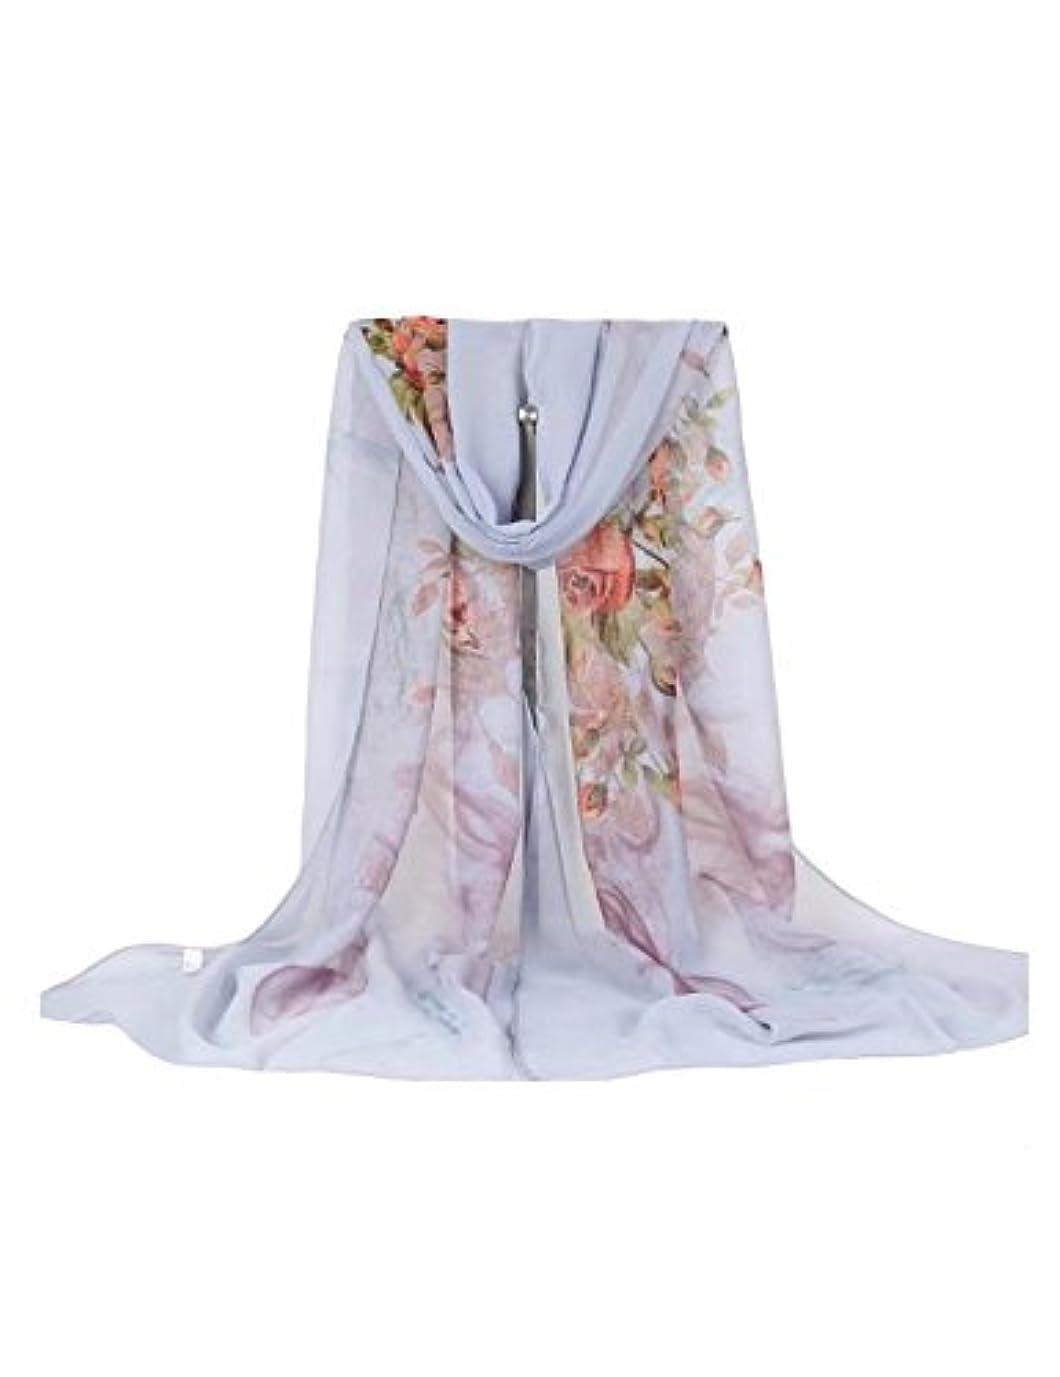 可動式独立して博物館Letuwj(レツダブリュジェ) レディース ソフト 薔薇プリント スカーフ